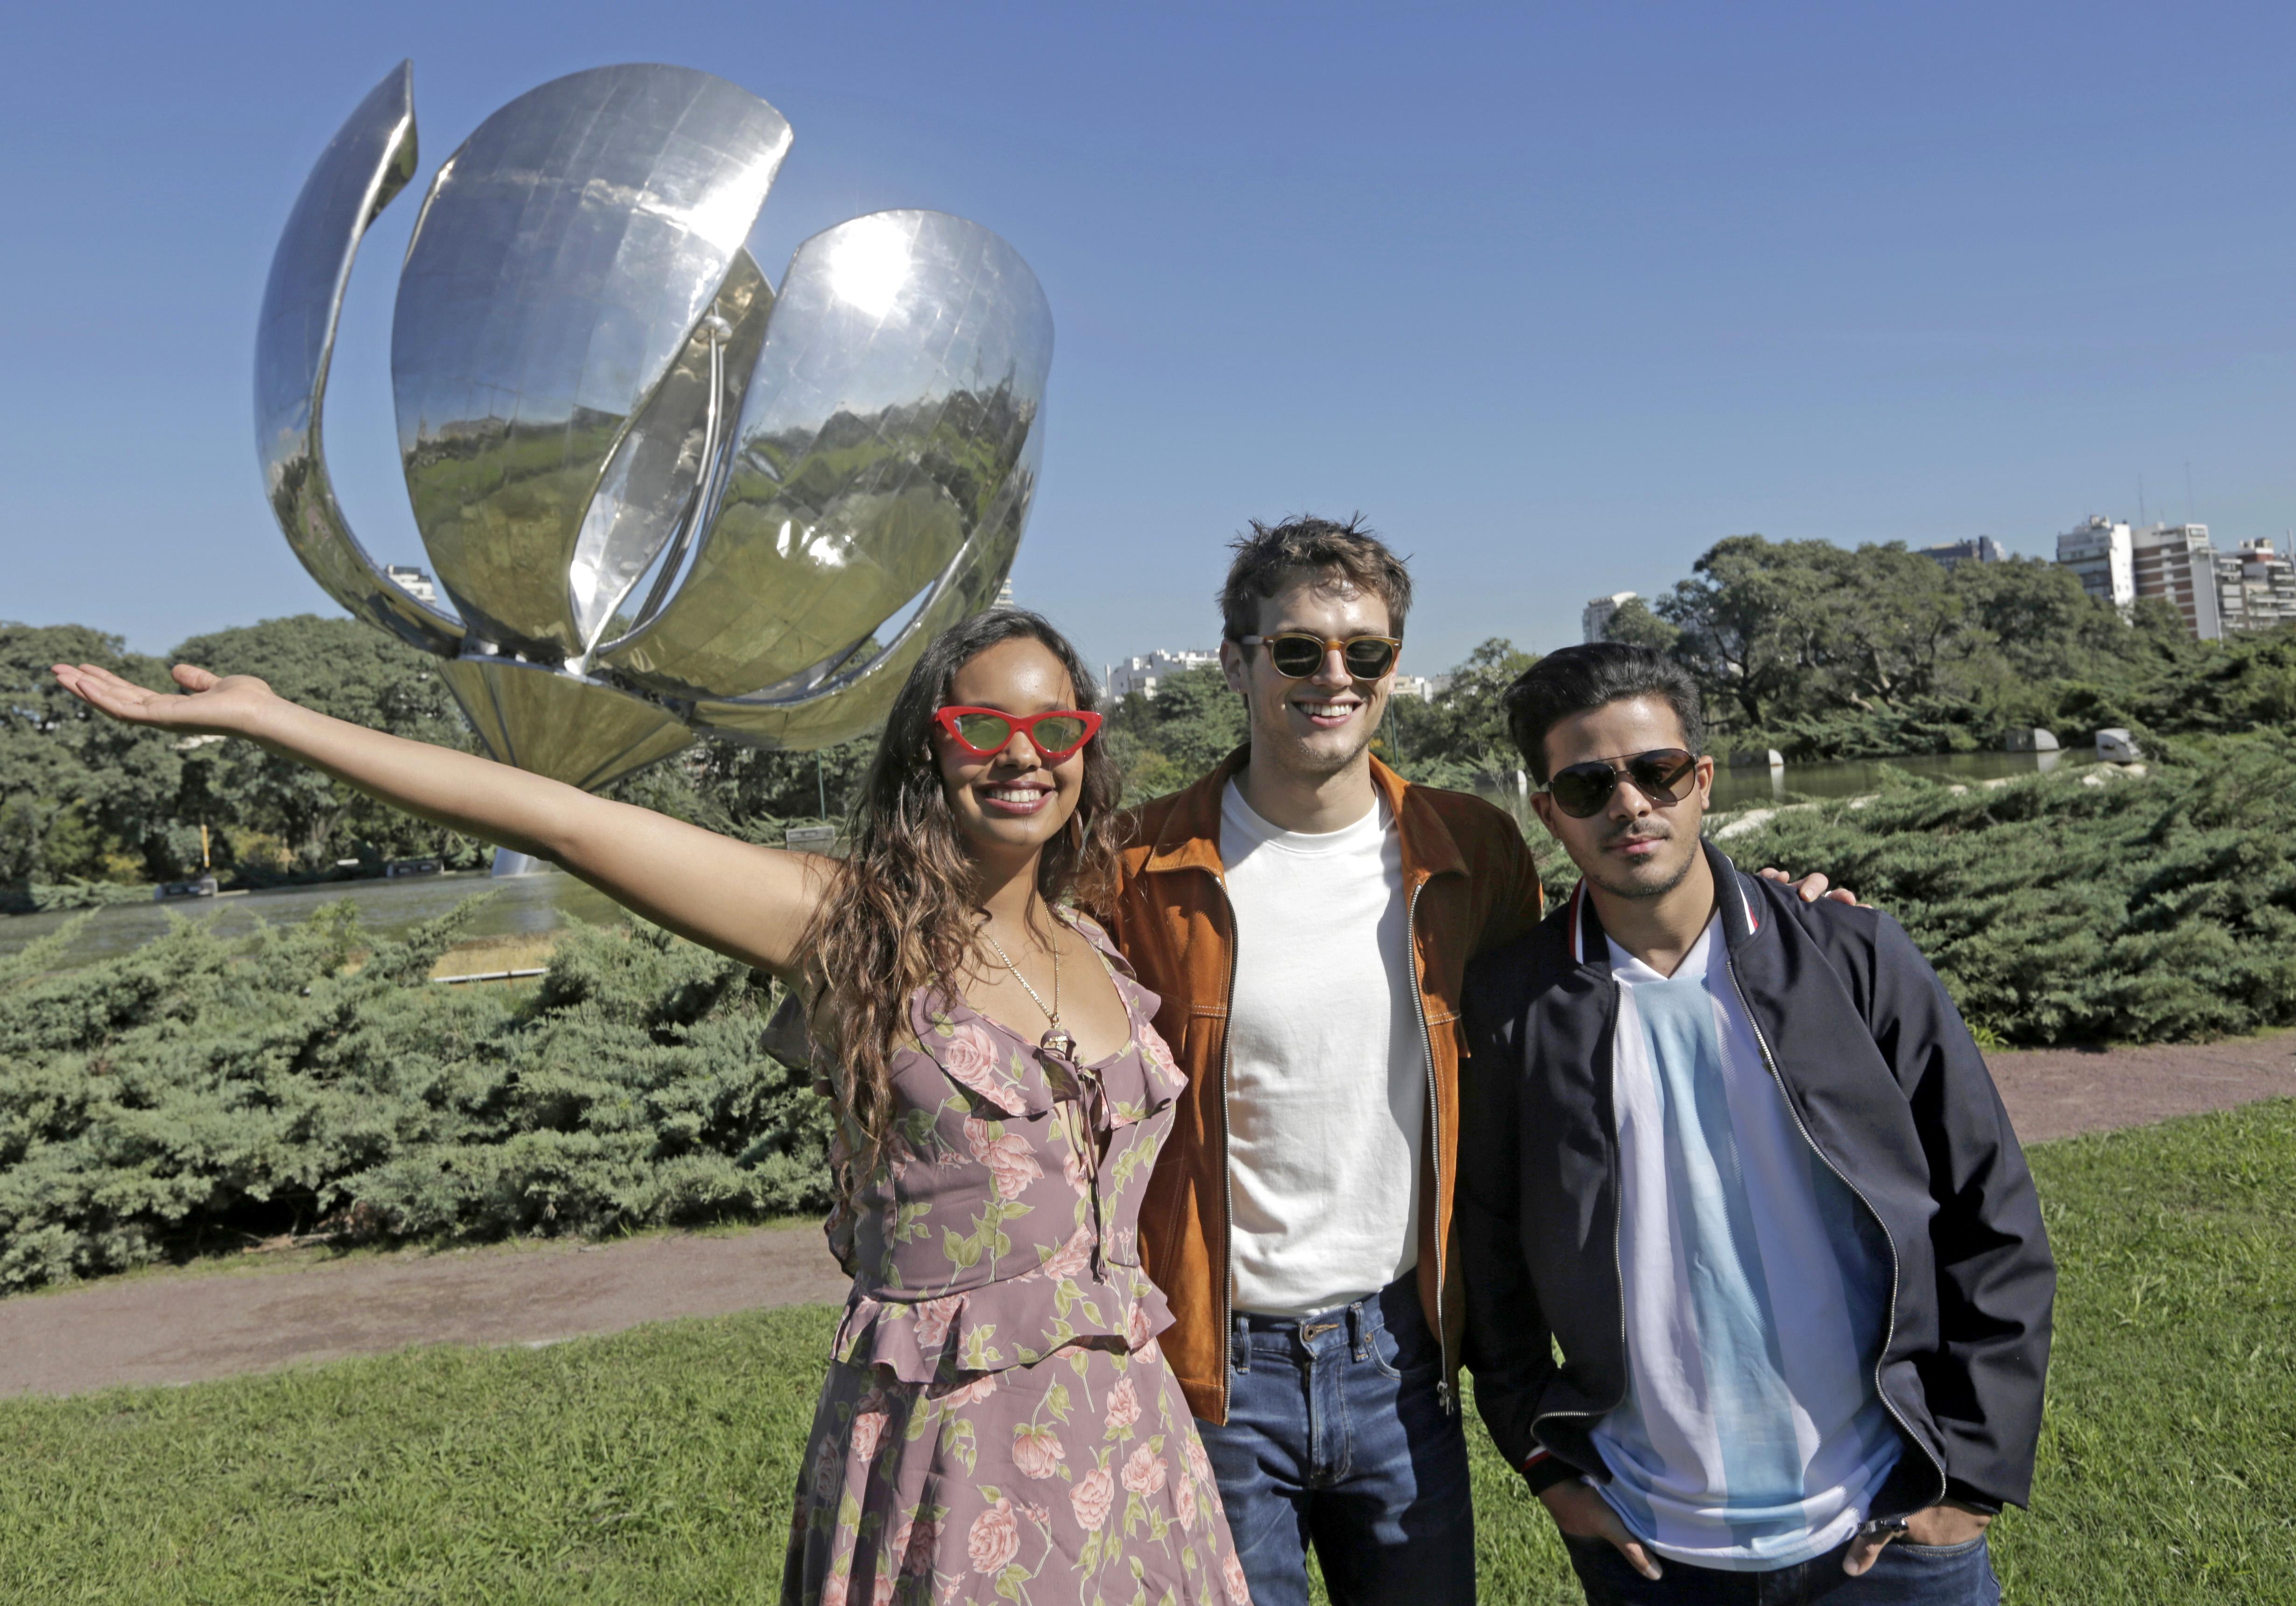 ¡Durante su minitour en Argentina, no pararon y pasaron por todos los lugares mas importantes!